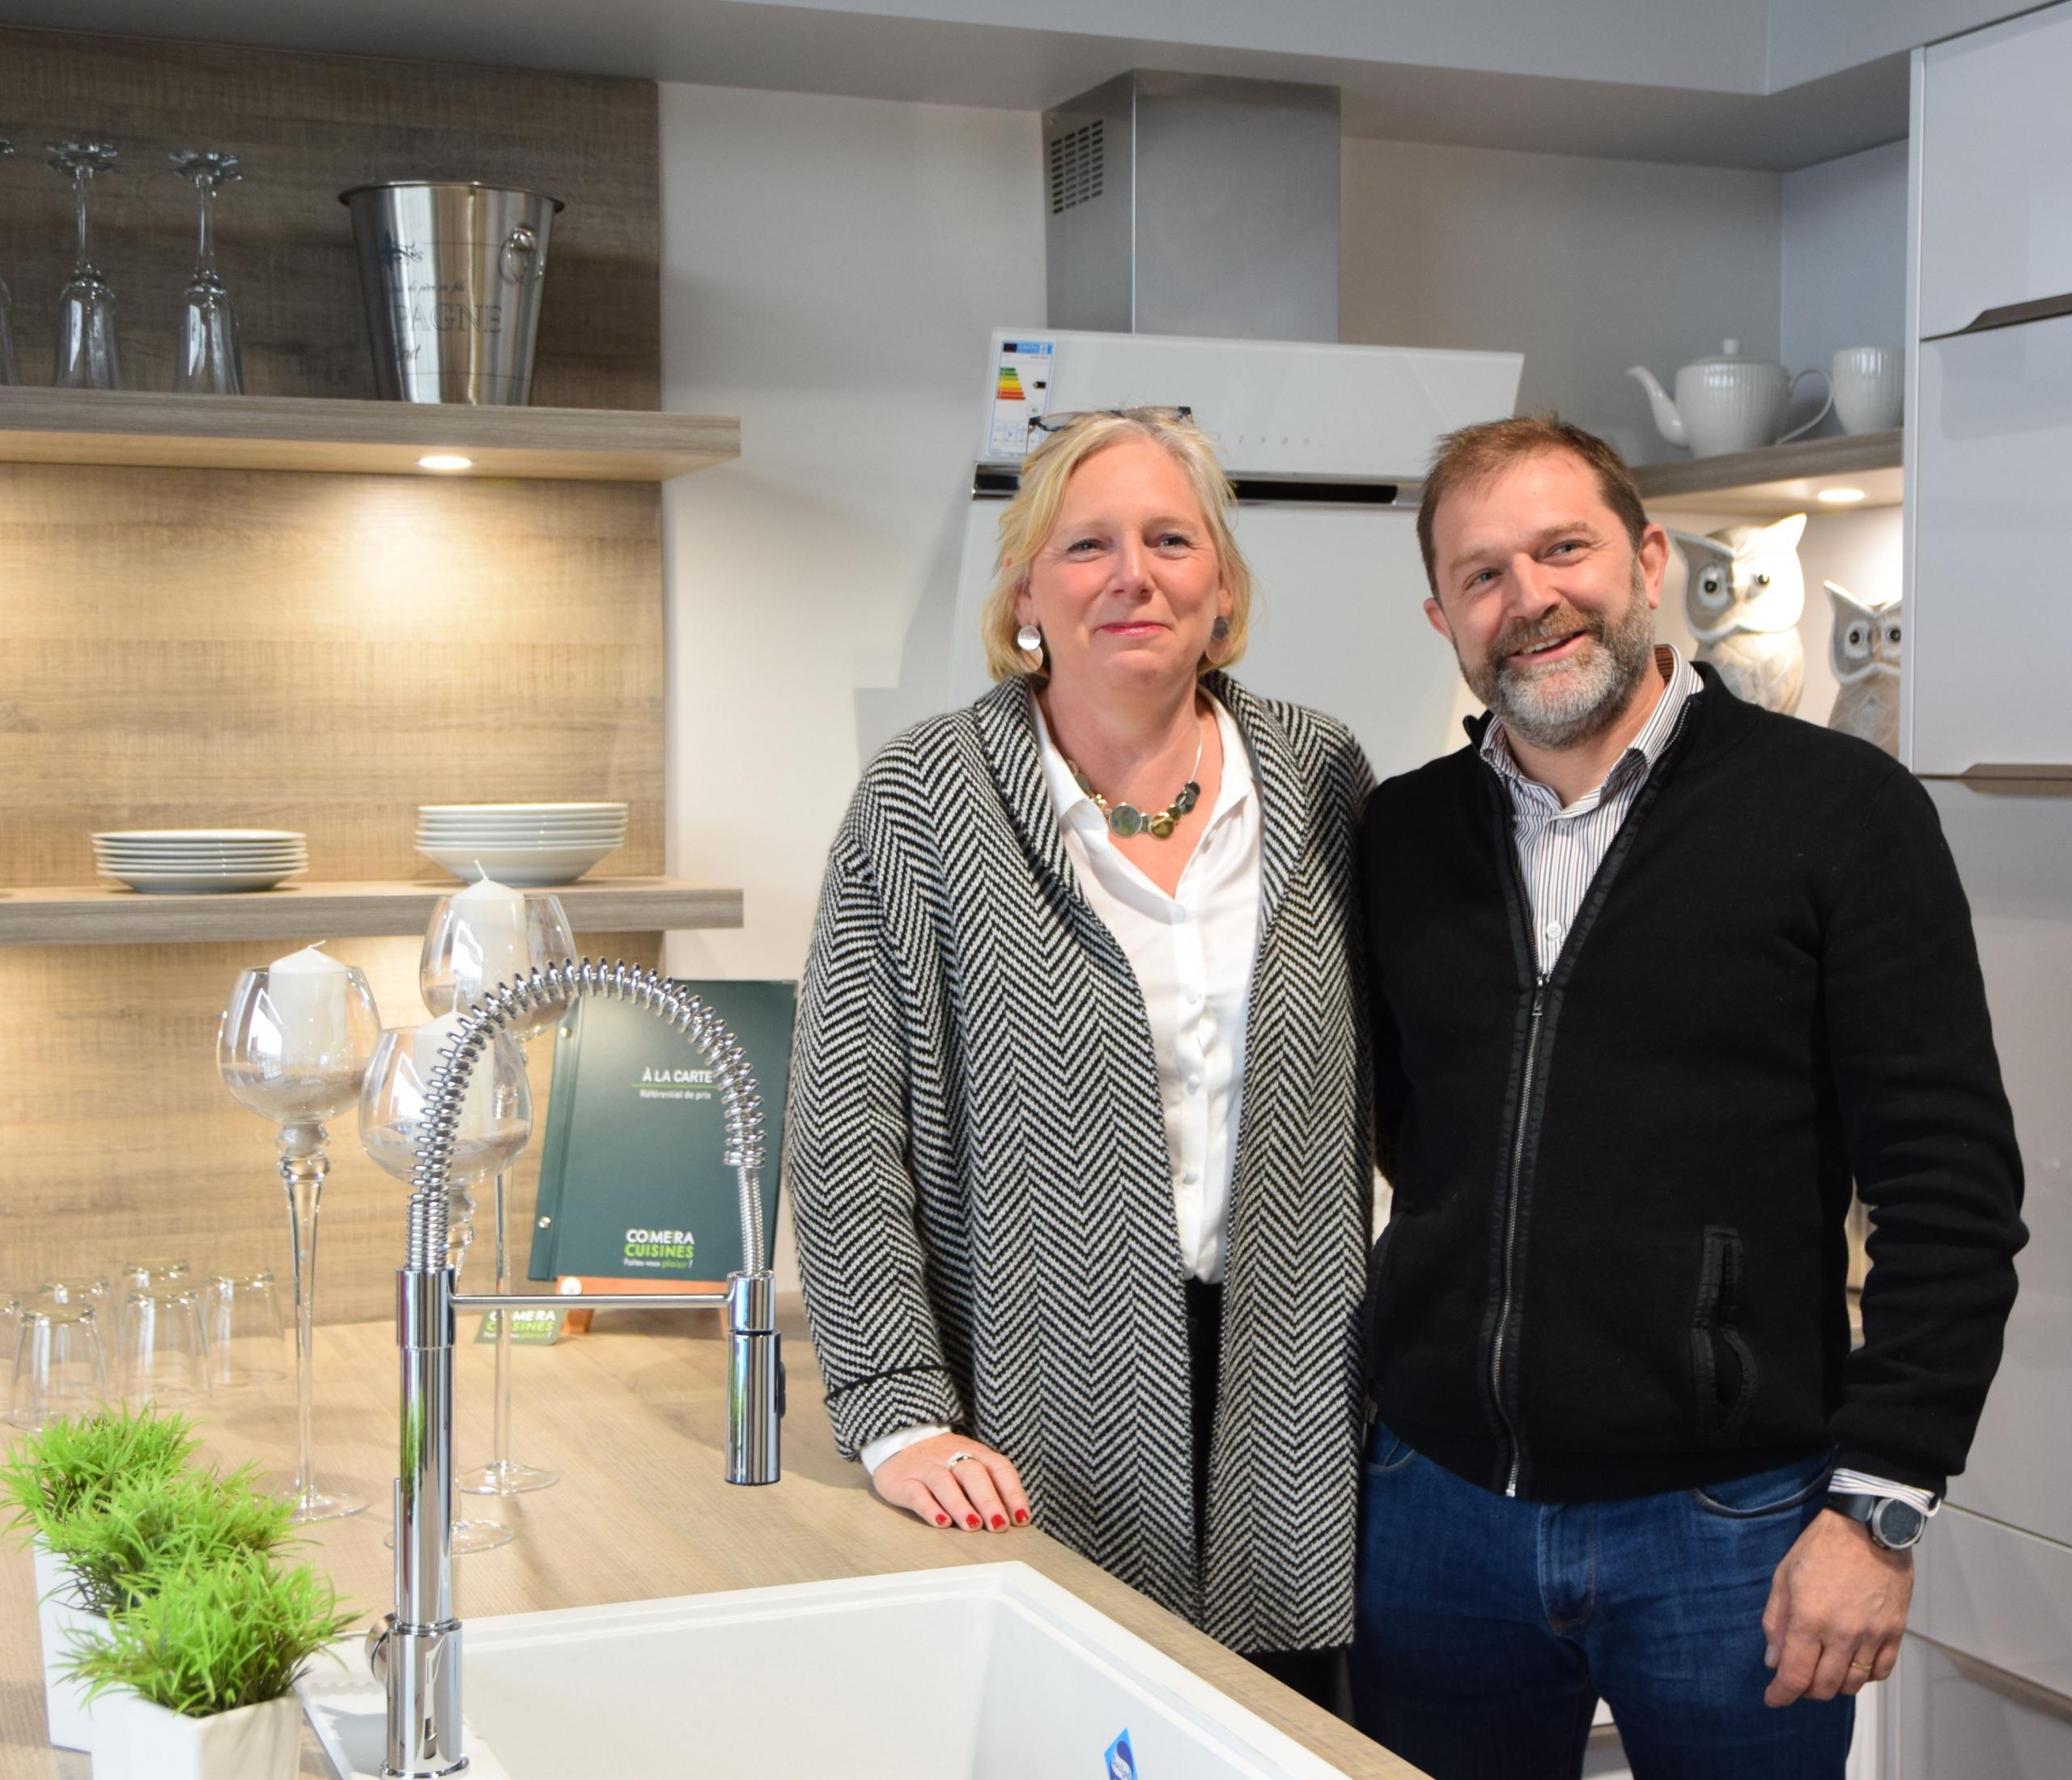 COMERA CUISINES |  Stéphanie et Frédéric WEBER, concessionnaires COMERA Cuisines